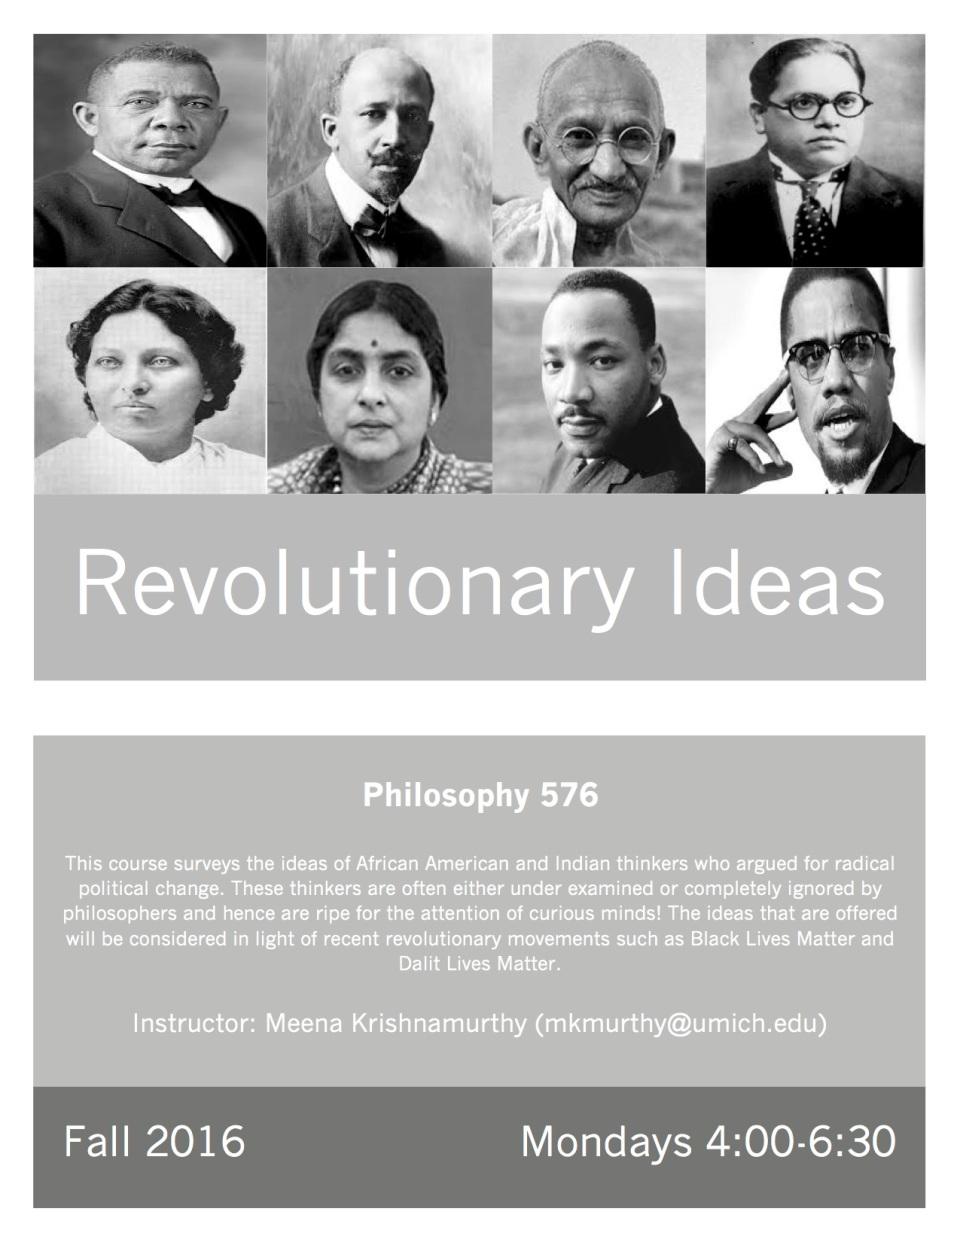 Rev. Ideas